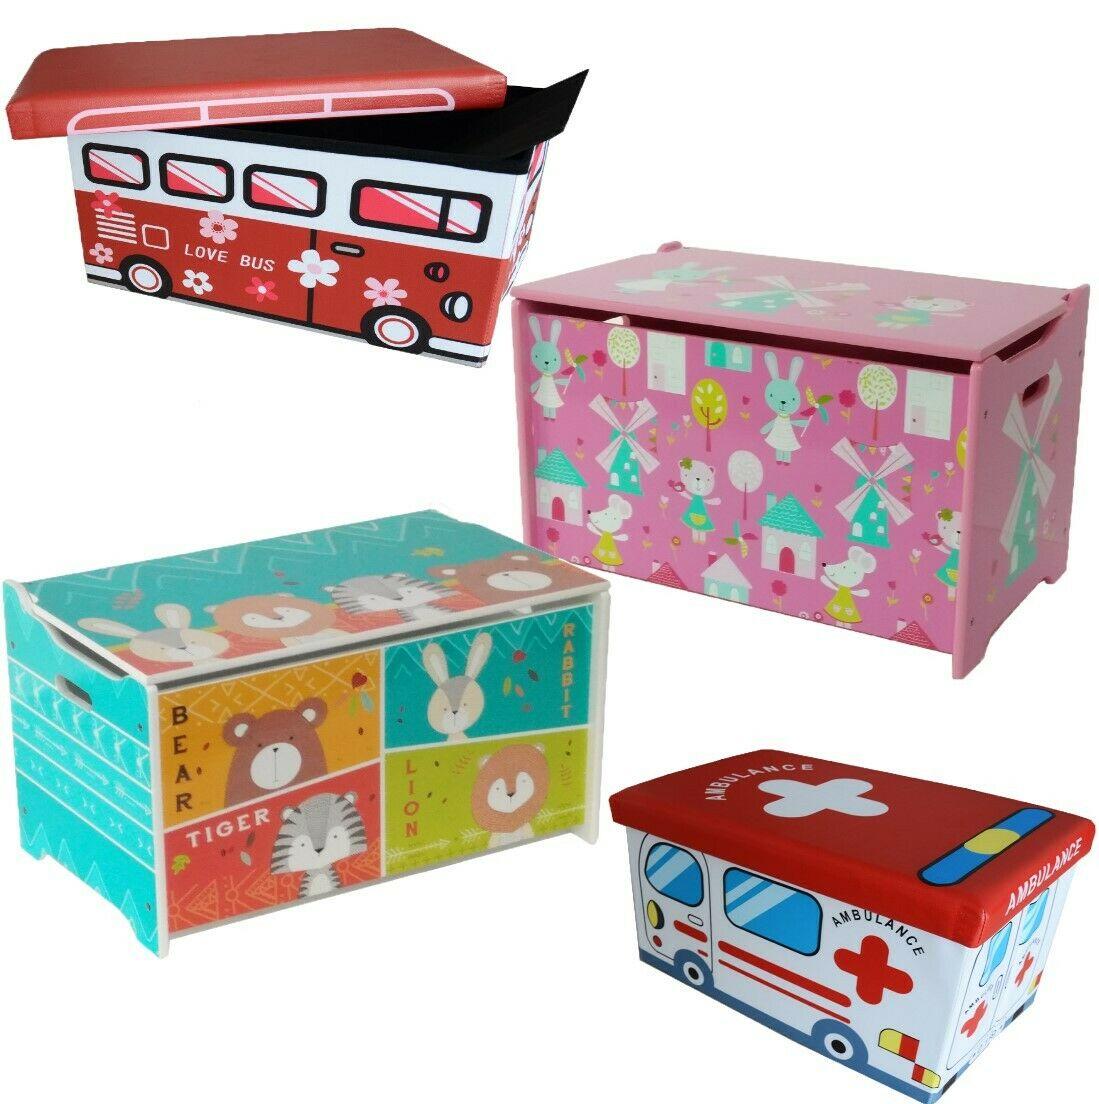 Full Size of Spielzeugkiste Aufbewahrungsbokinderzimmer Truhenbank Kinderzimmer Regal Weiß Regale Aufbewahrungsbox Garten Sofa Wohnzimmer Aufbewahrungsbox Kinderzimmer